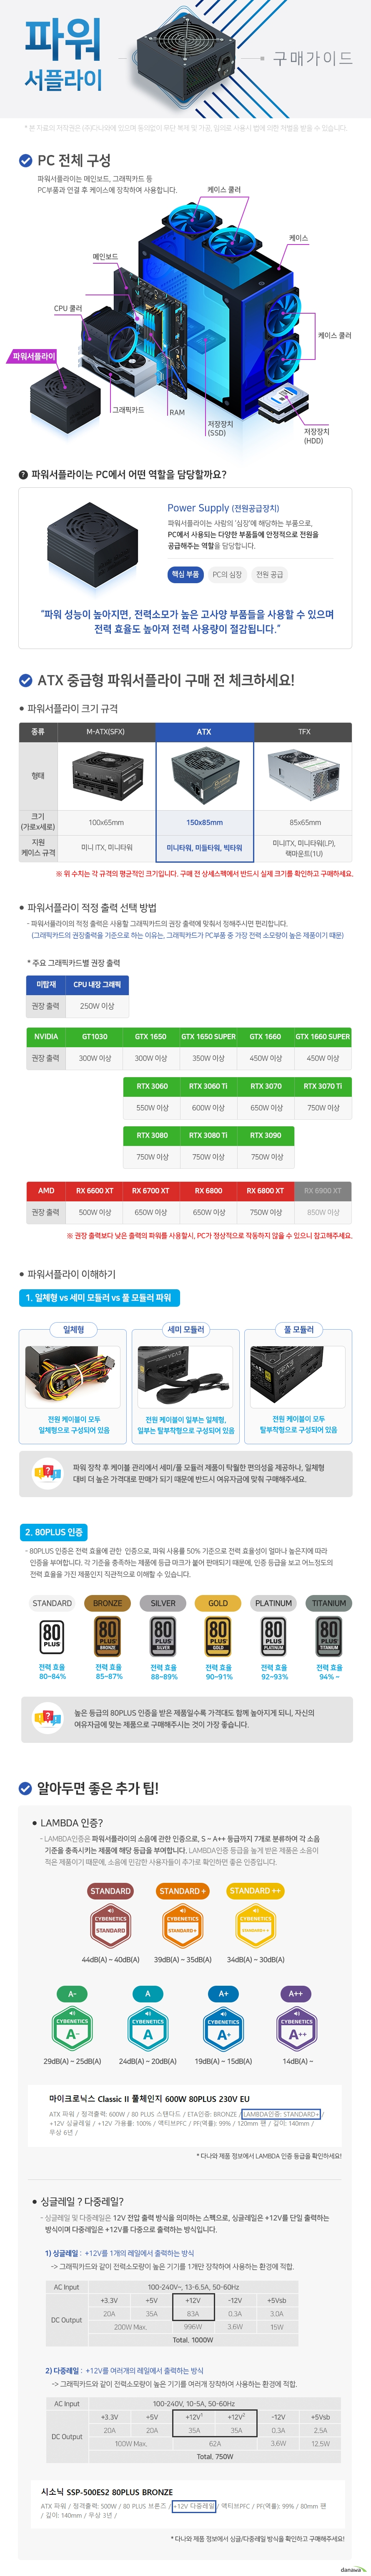 에너지옵티머스 EXCEL PRO 700W 80PLUS STANDARD 230V EU